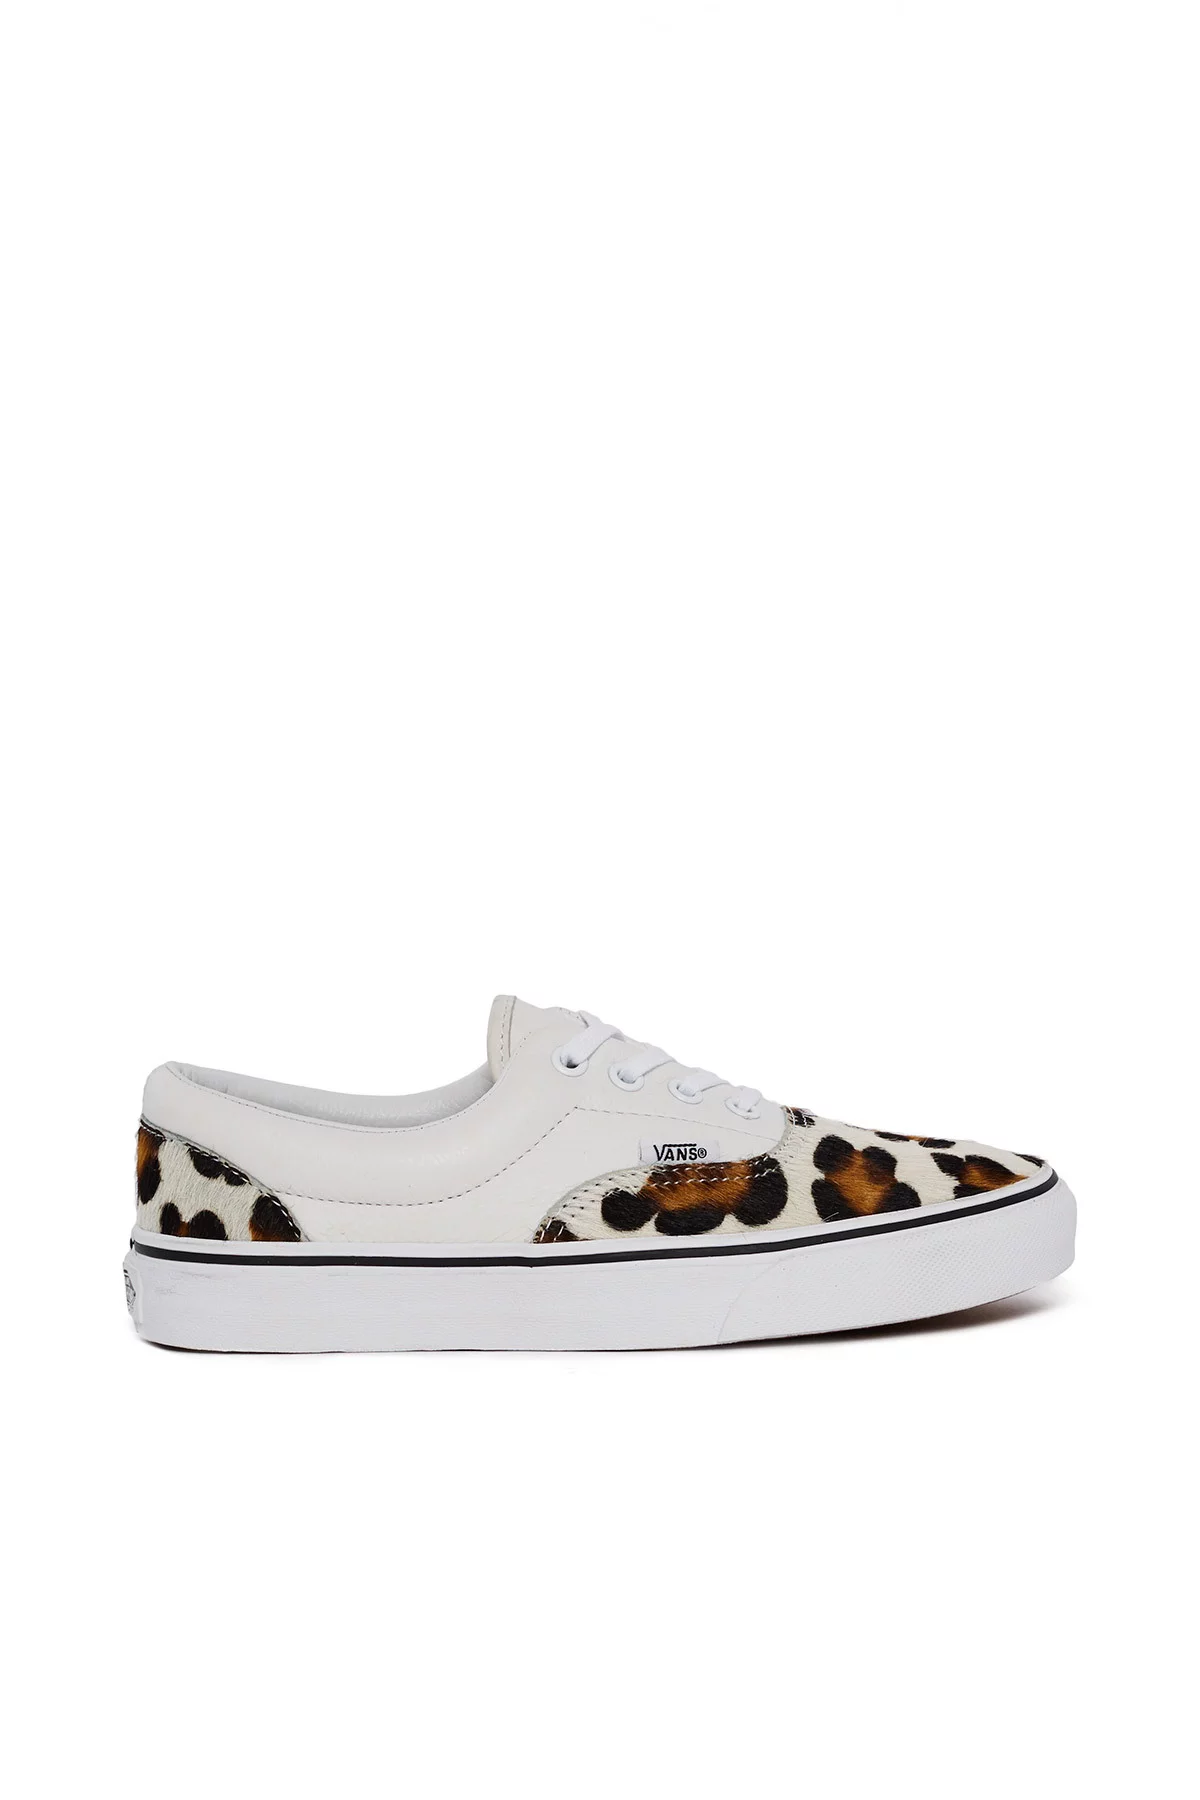 2f2a54551 Vans + Calf Hair Era Sneaker